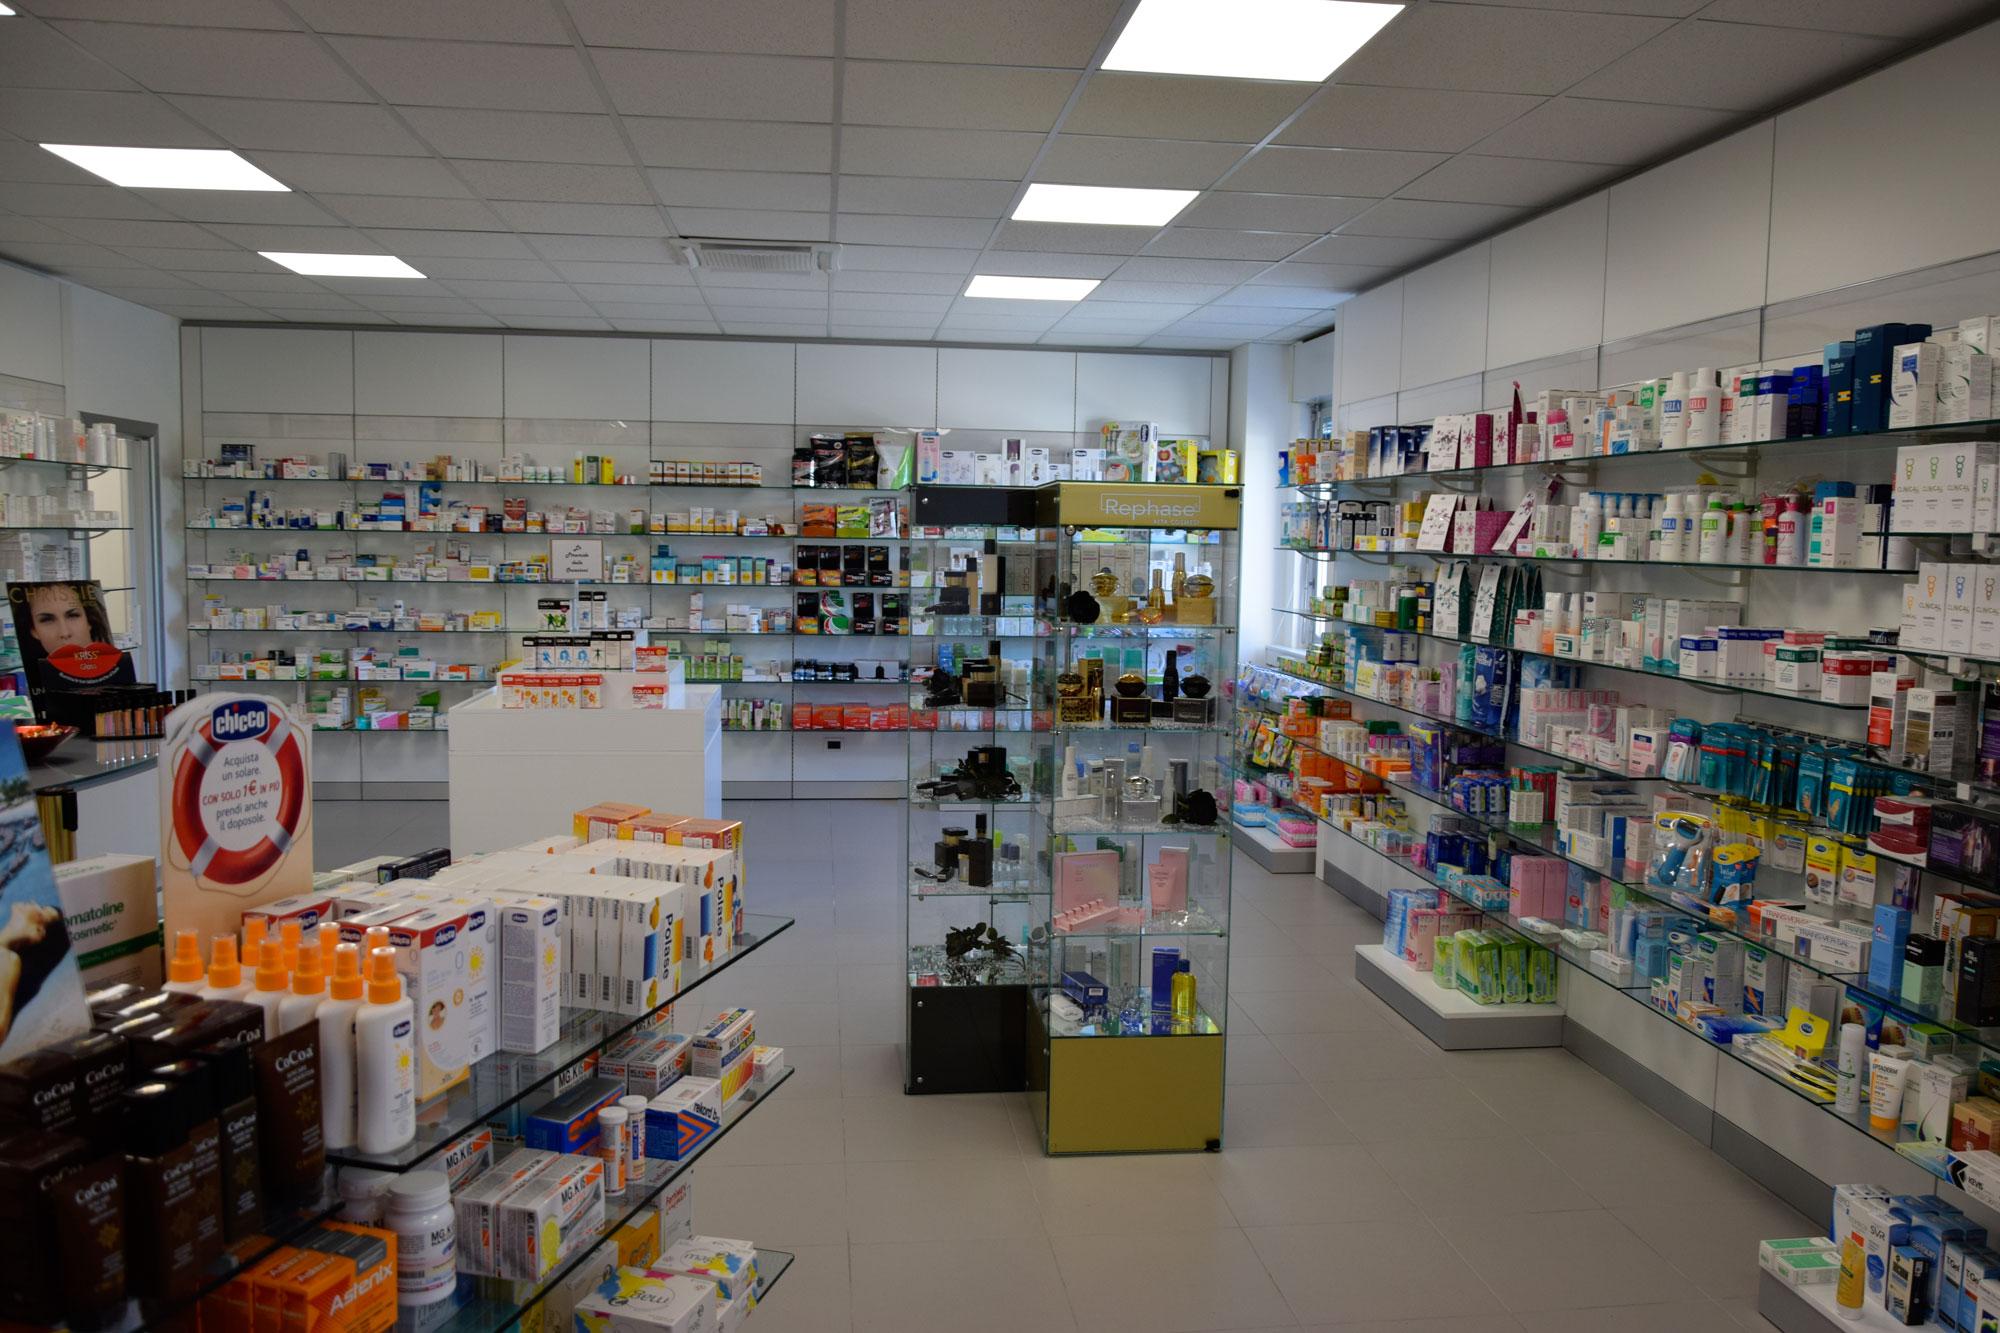 La farmacia dell'Ospedale chiusa il 18 e 19 aprile